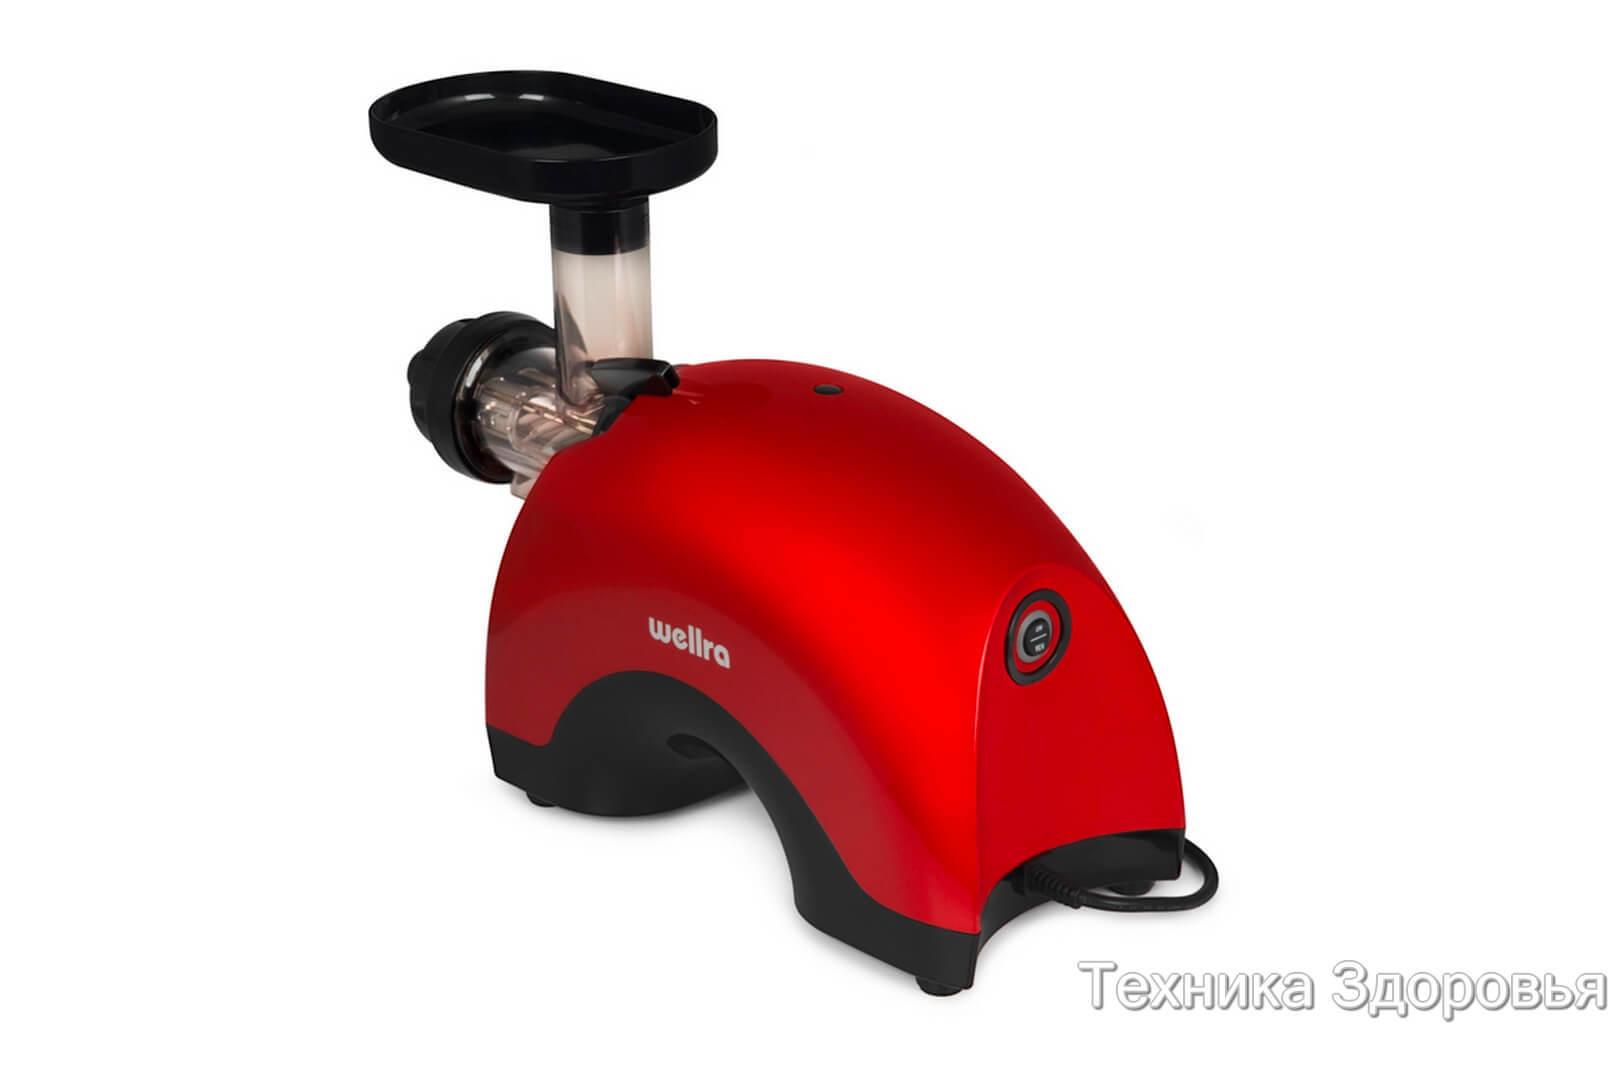 Соковыжималка Wellra TGJ50S красная